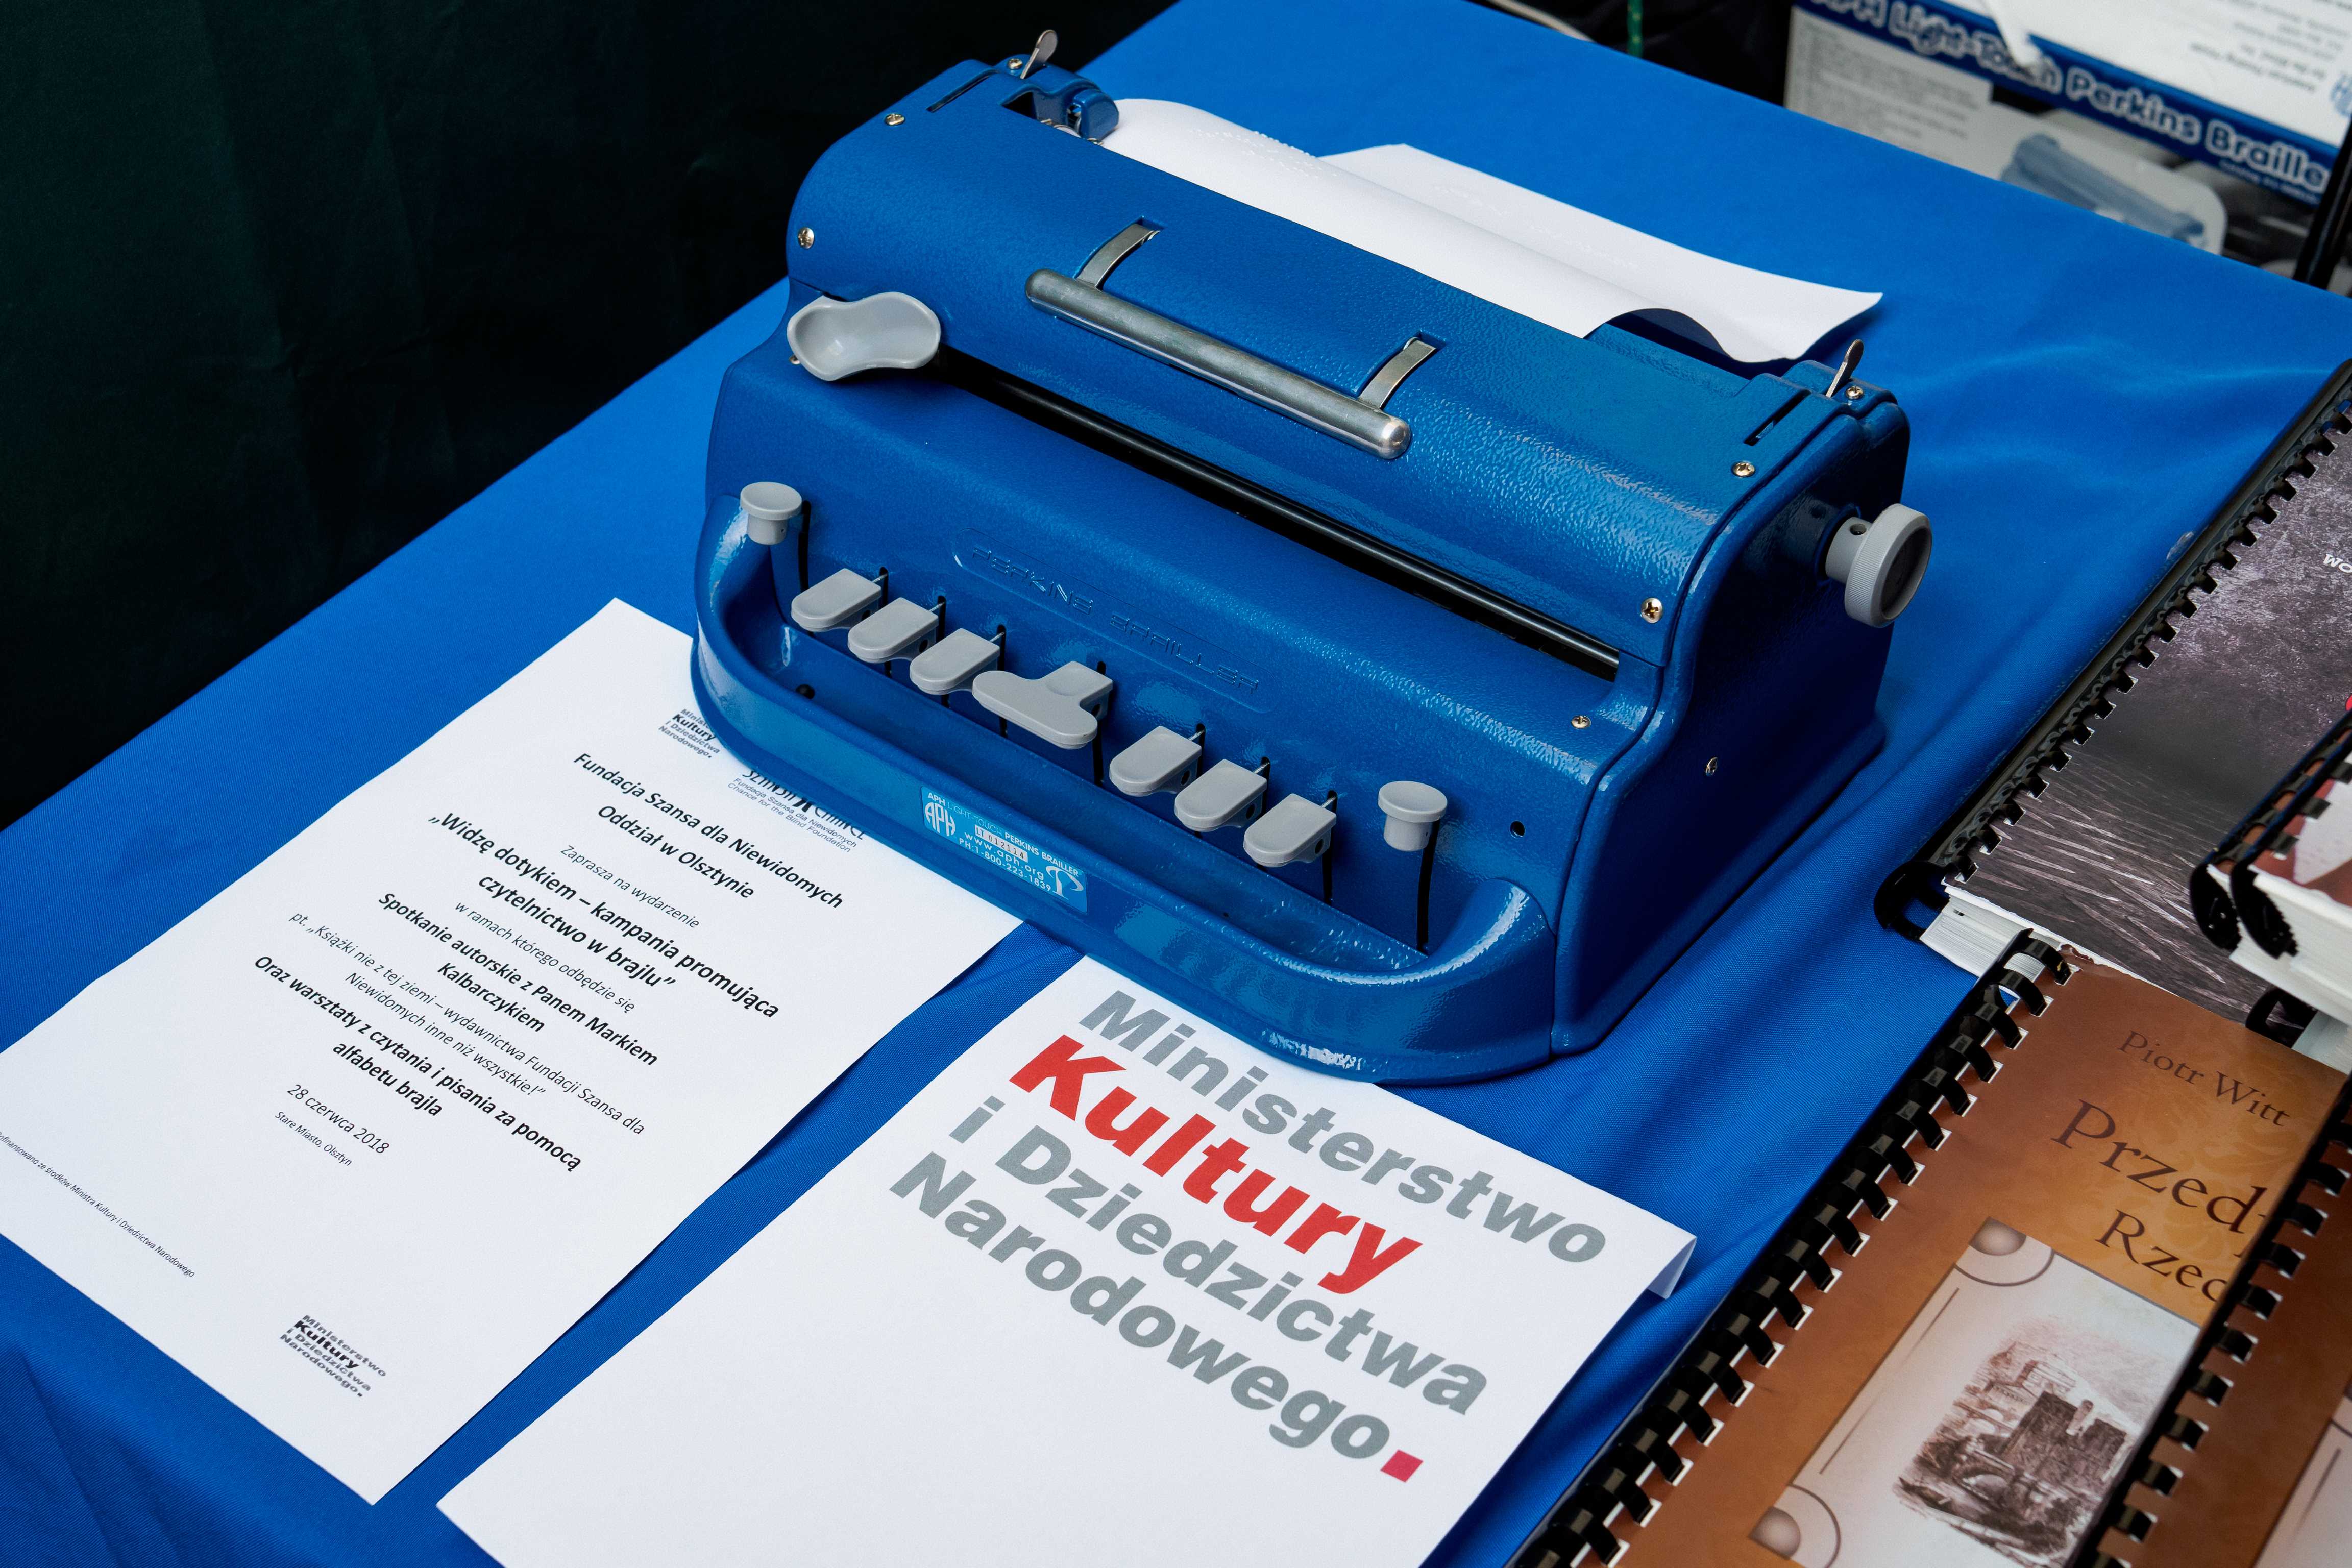 Maszyna brajlowska. Przed nią informacja o wydarzeniu i logo Ministerstwo Kultury i Dziedzictwa Narodowego.